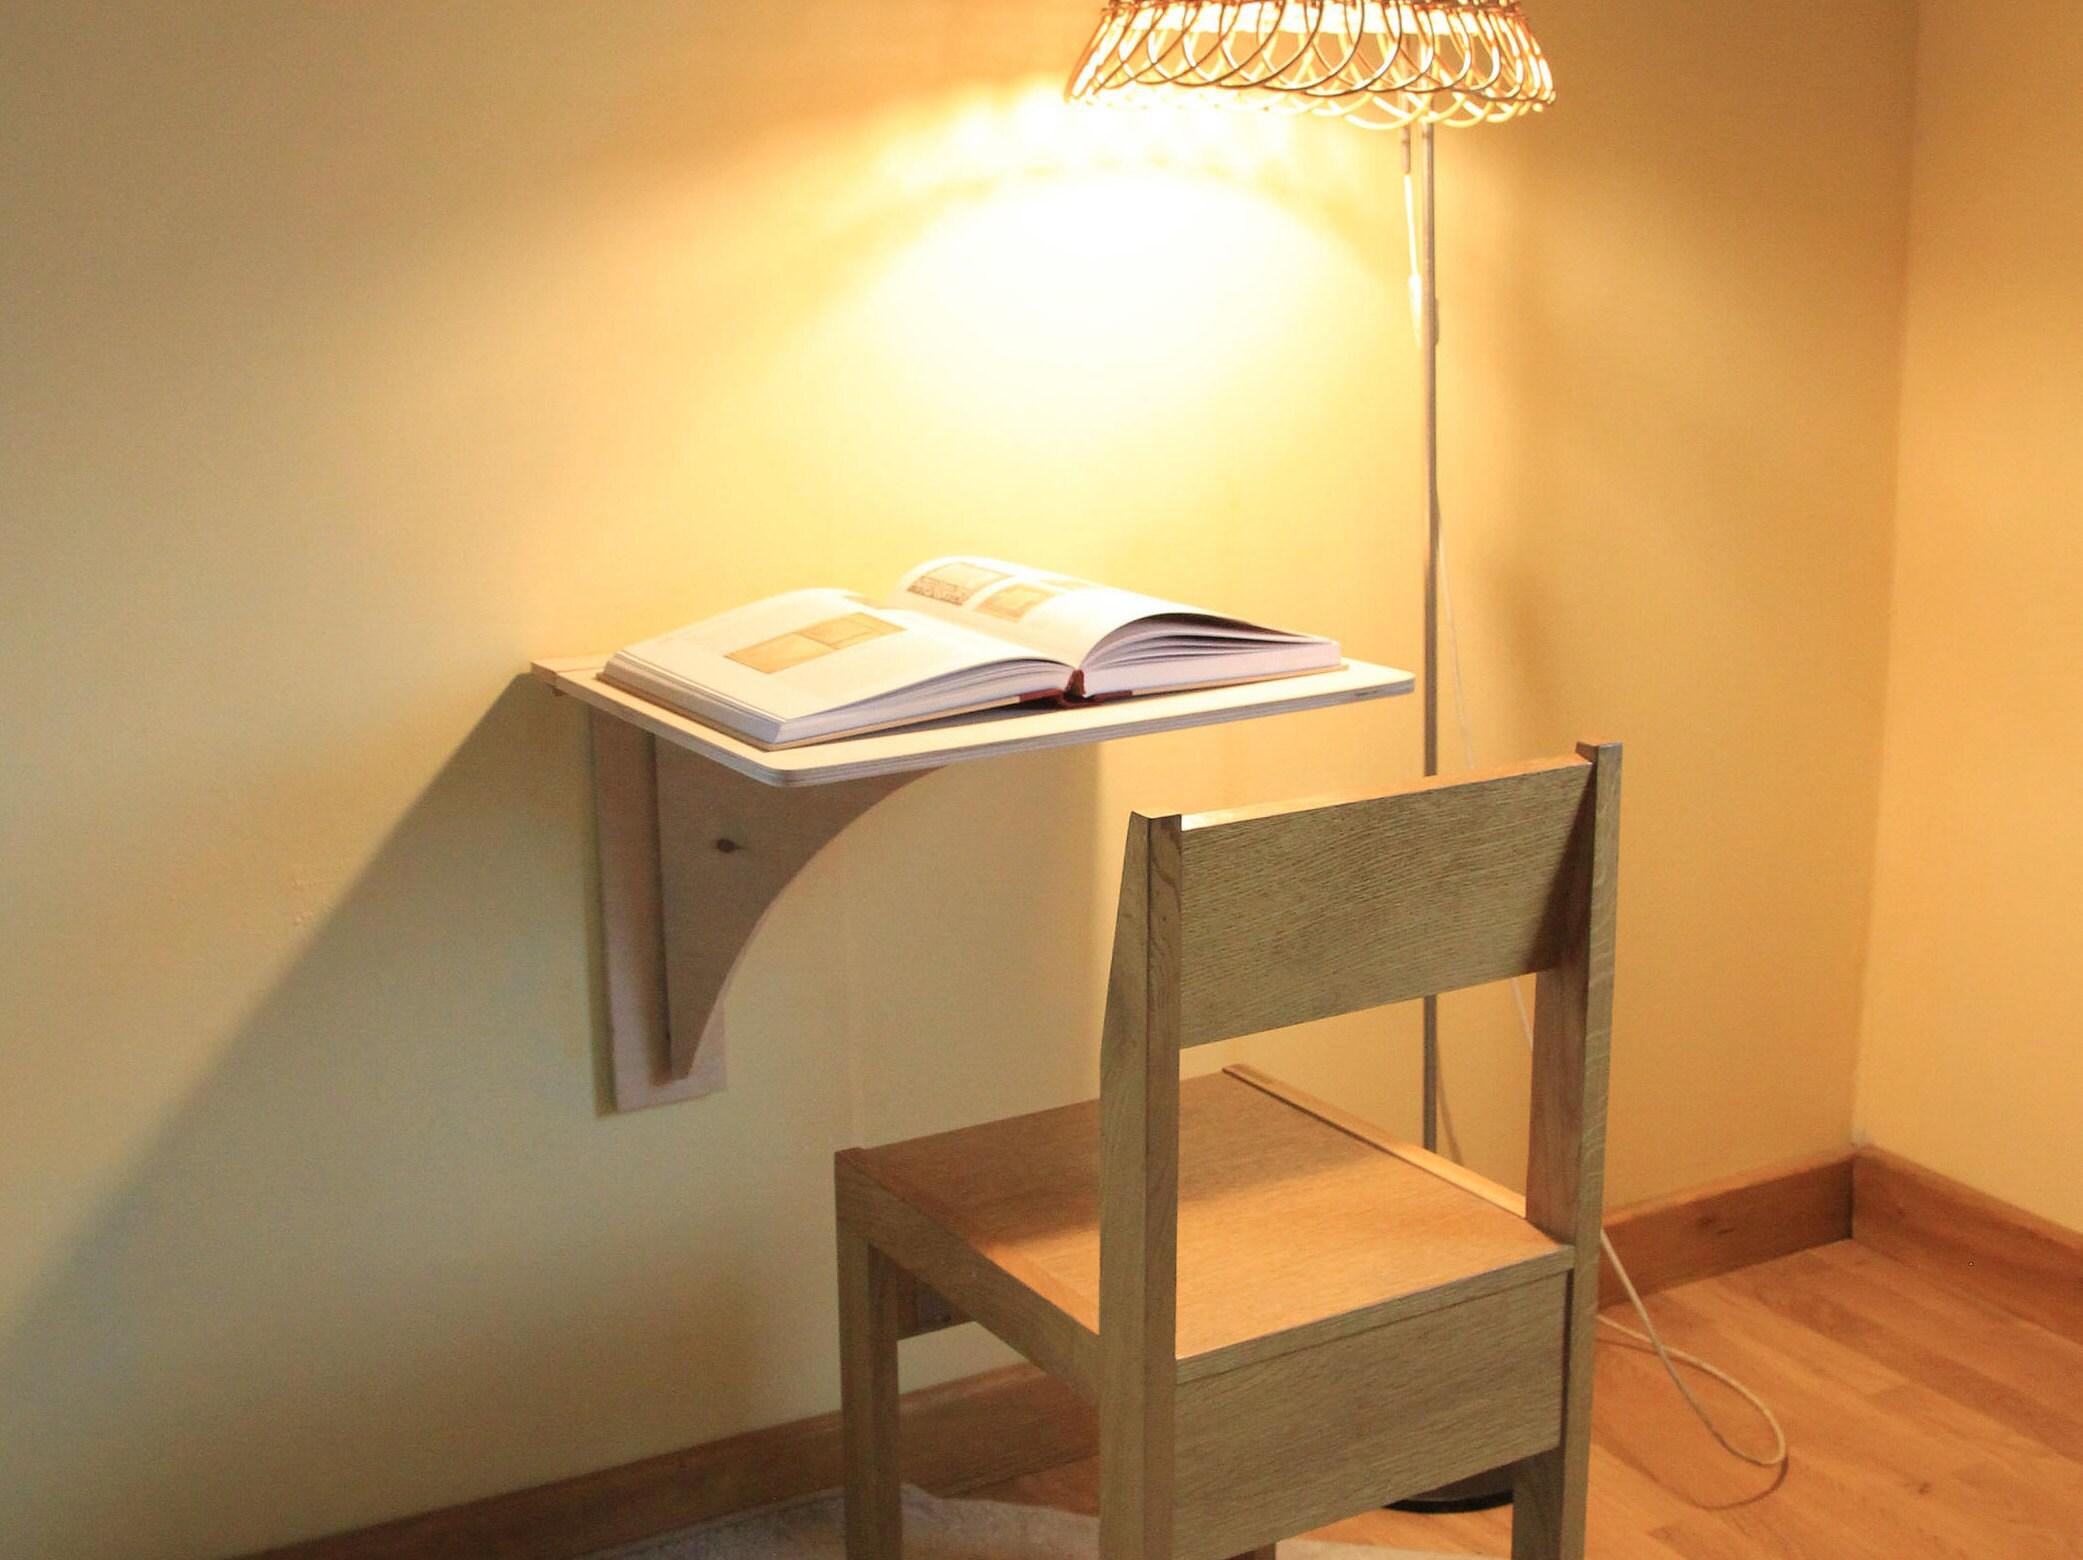 Wand montiert Schreibtisch Plywoof Möbel